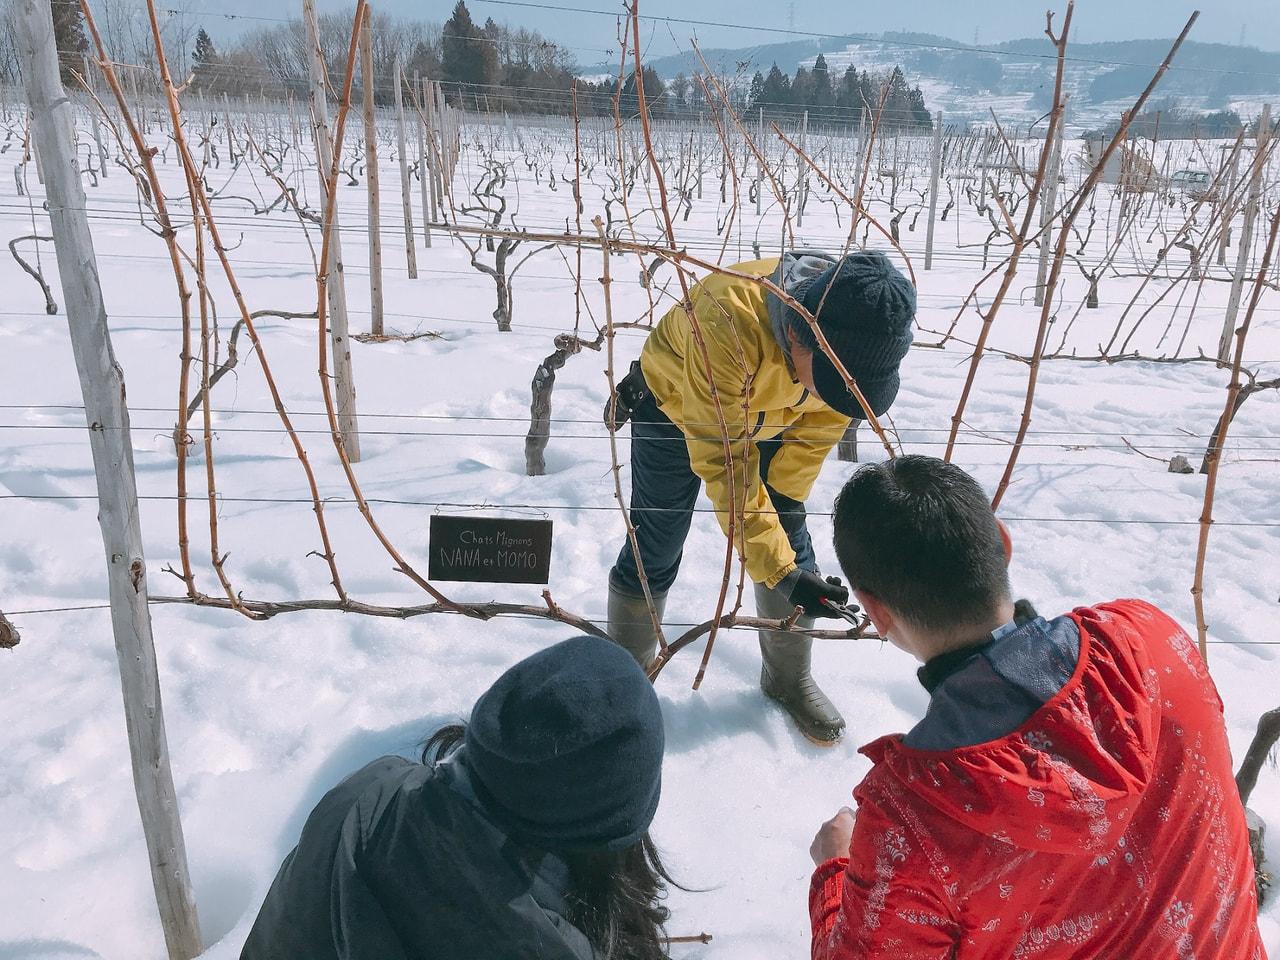 2020ワイナリーの四季まるごと体験ツアー  第1回・早春編 (飯綱町)